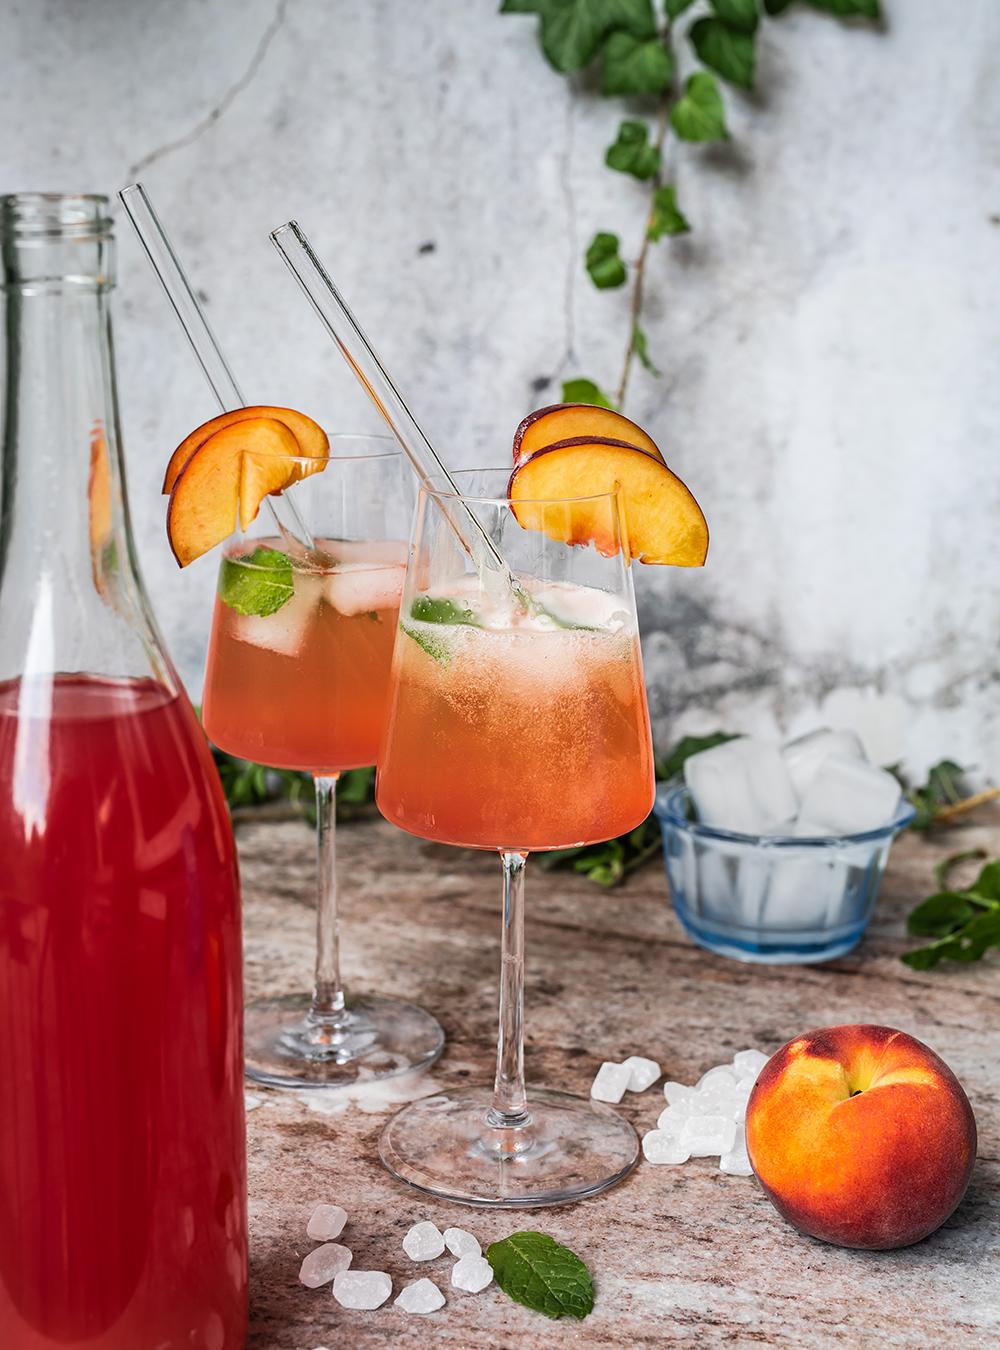 Pfirsich Hibiskus Limes und Spritz - Fix angesetzter Sommerlikör